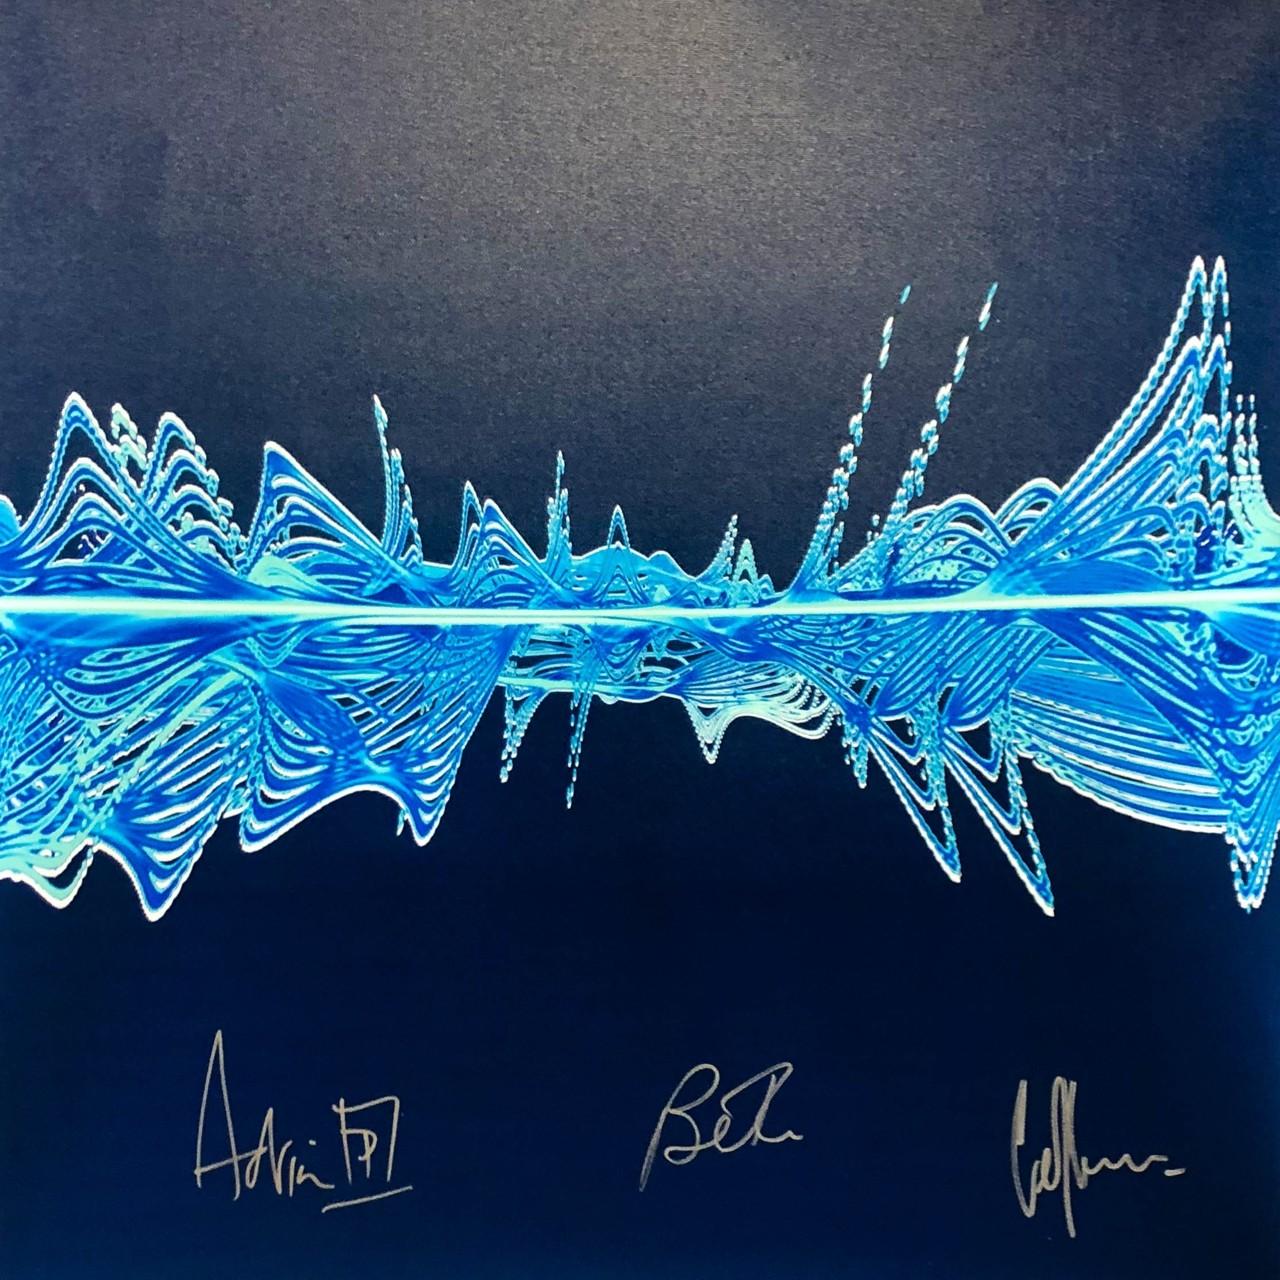 Portishead с песней Glory Box в художественном проекте Sound Art Foundation